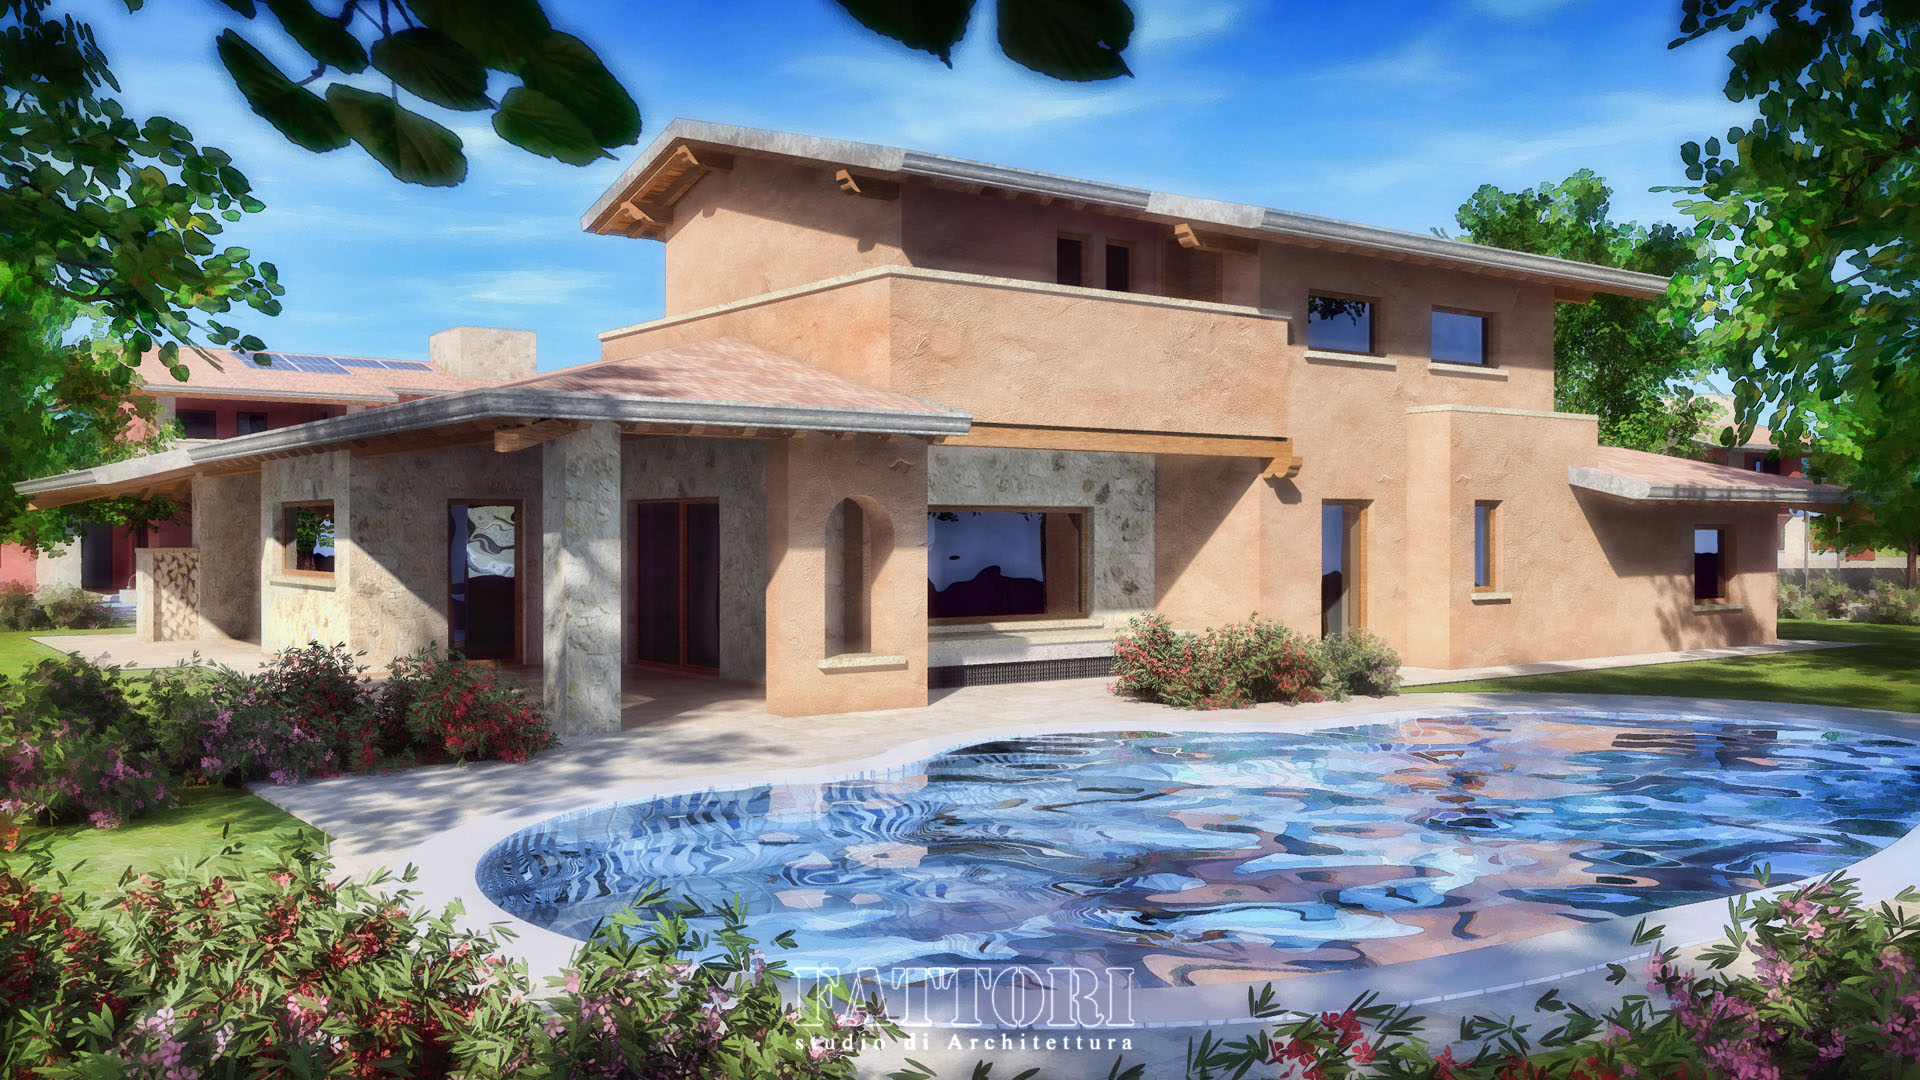 studio_di_architettura_fattori_fausto_progettazione ville case residenziali_8